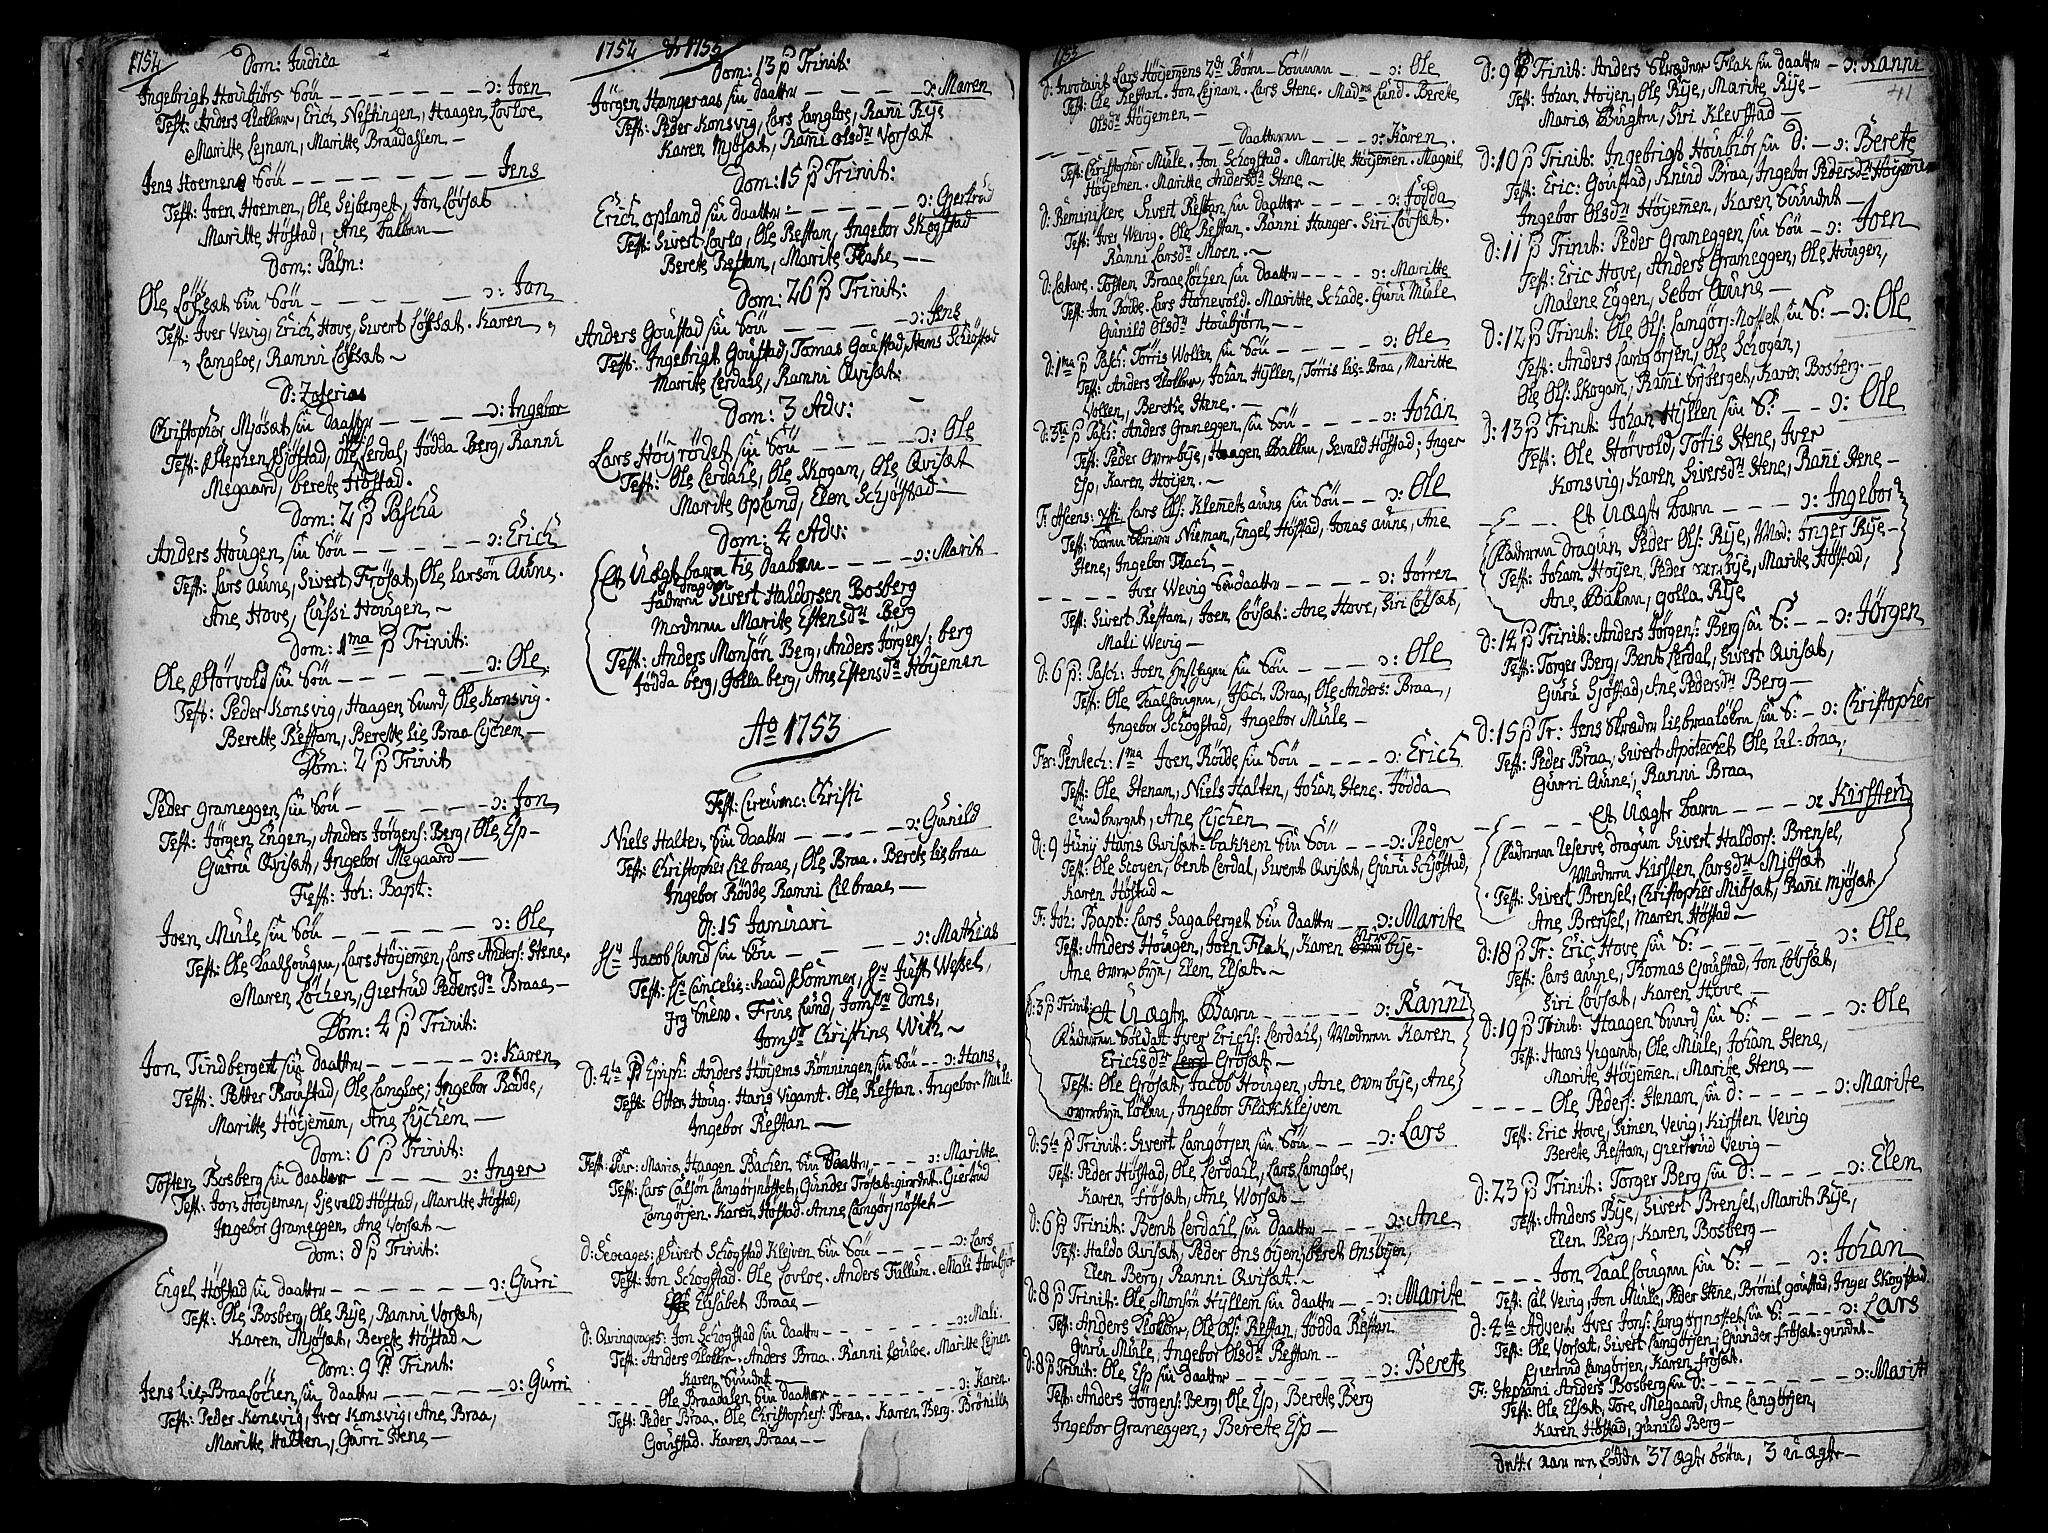 SAT, Ministerialprotokoller, klokkerbøker og fødselsregistre - Sør-Trøndelag, 612/L0368: Ministerialbok nr. 612A02, 1702-1753, s. 41